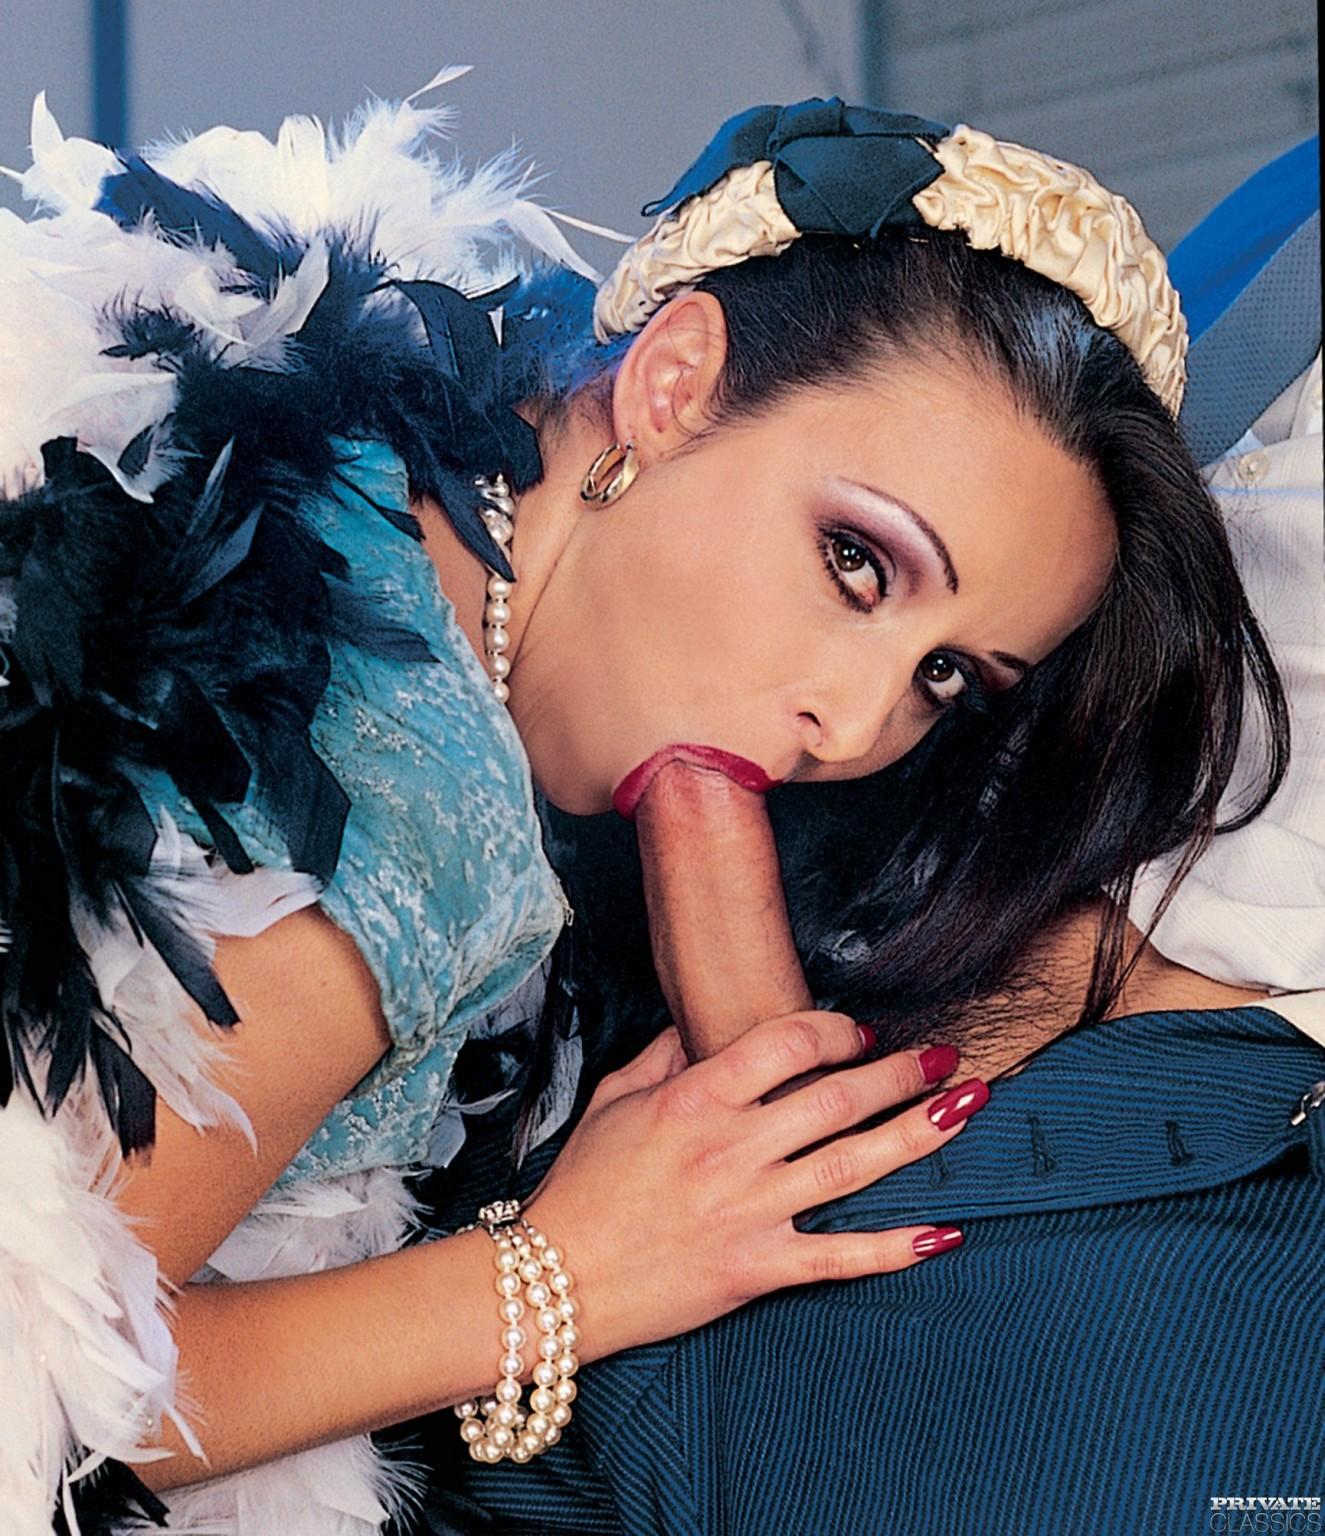 Фото костюмированное порно фото красивых девушек